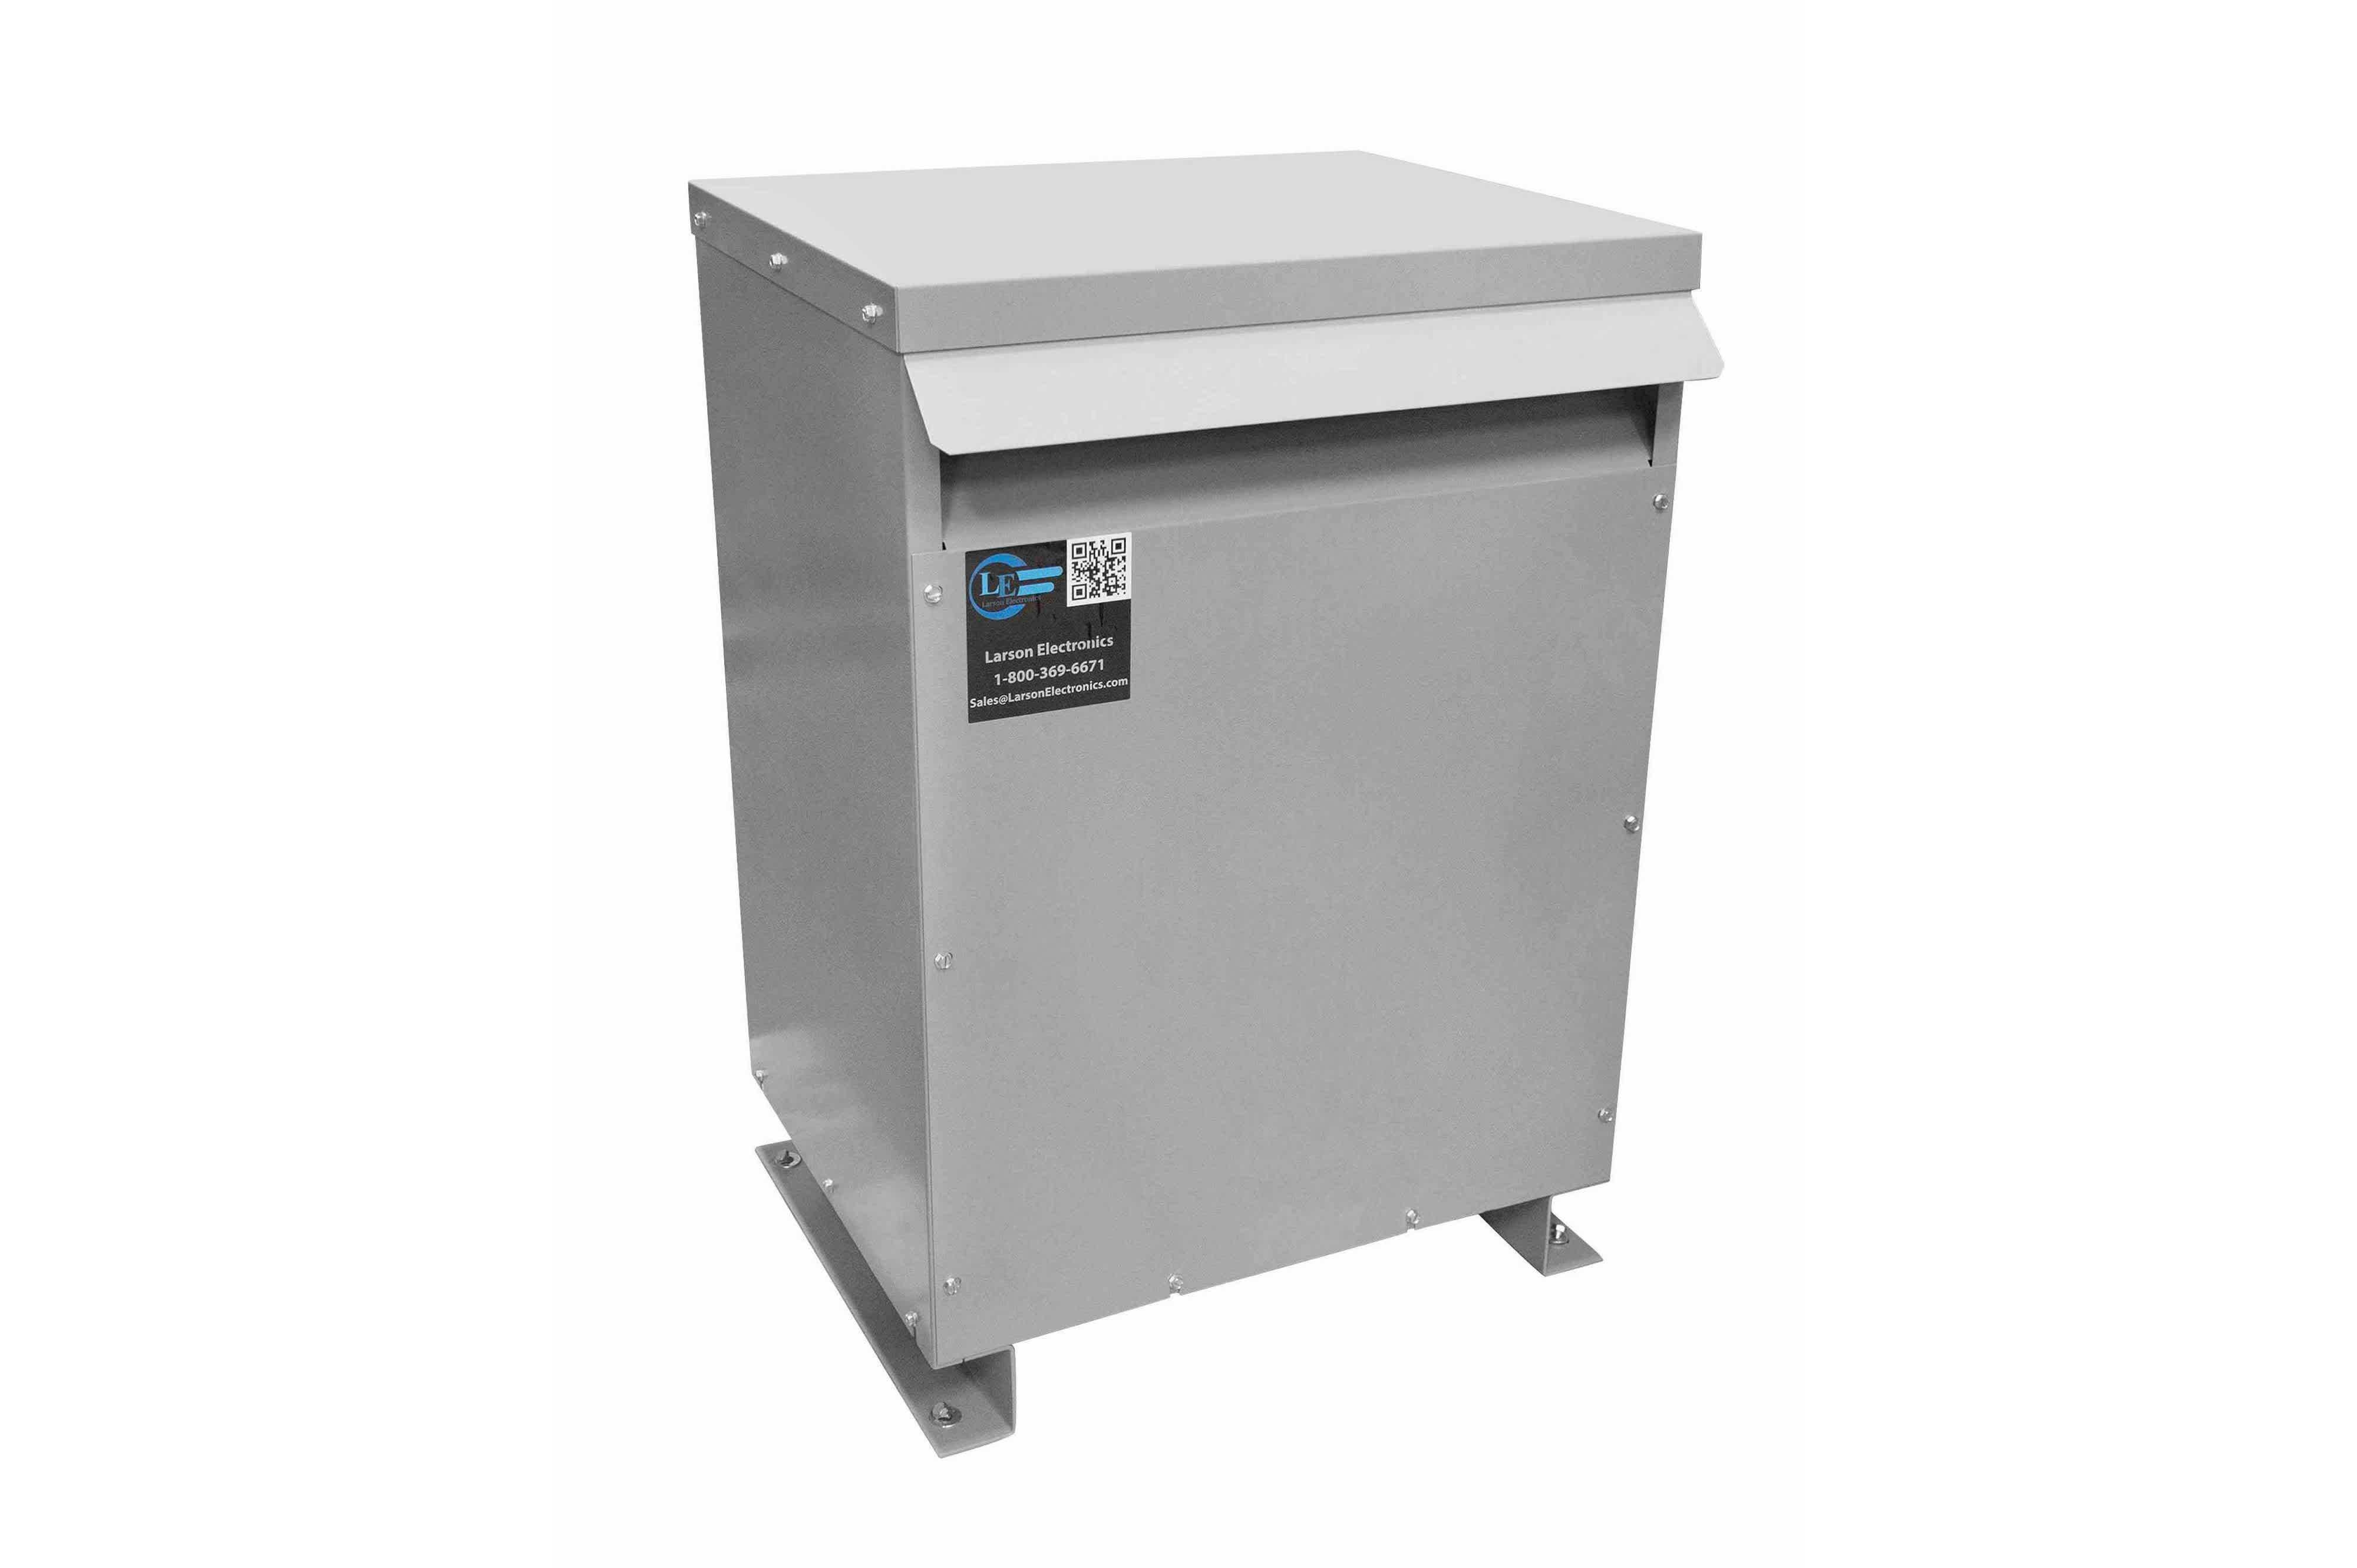 300 kVA 3PH Isolation Transformer, 415V Delta Primary, 240 Delta Secondary, N3R, Ventilated, 60 Hz